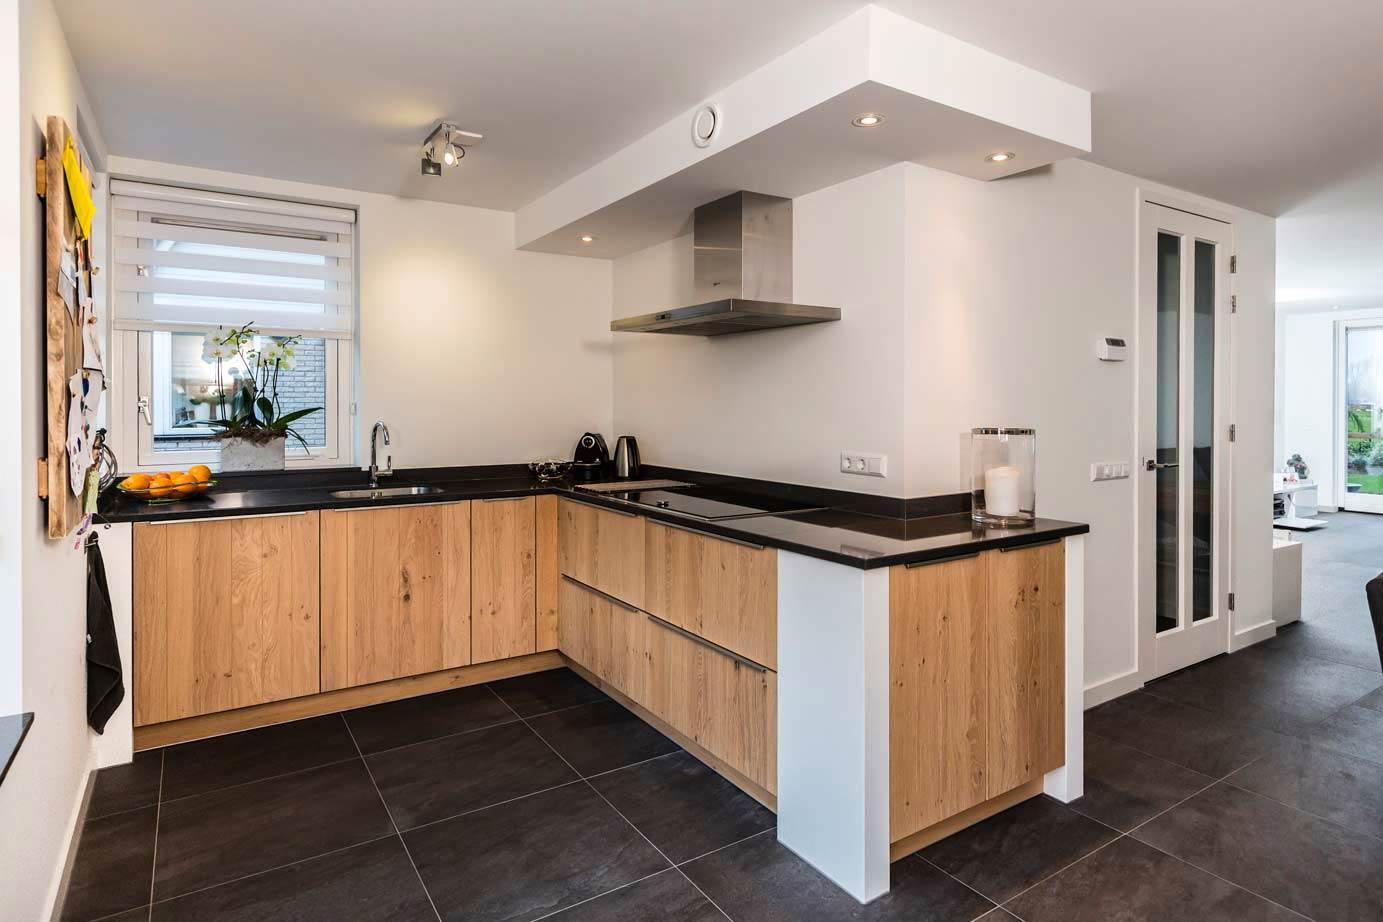 Ultra Moderne Keukens : Moderne keukens incl foto s en prijzen db keukens